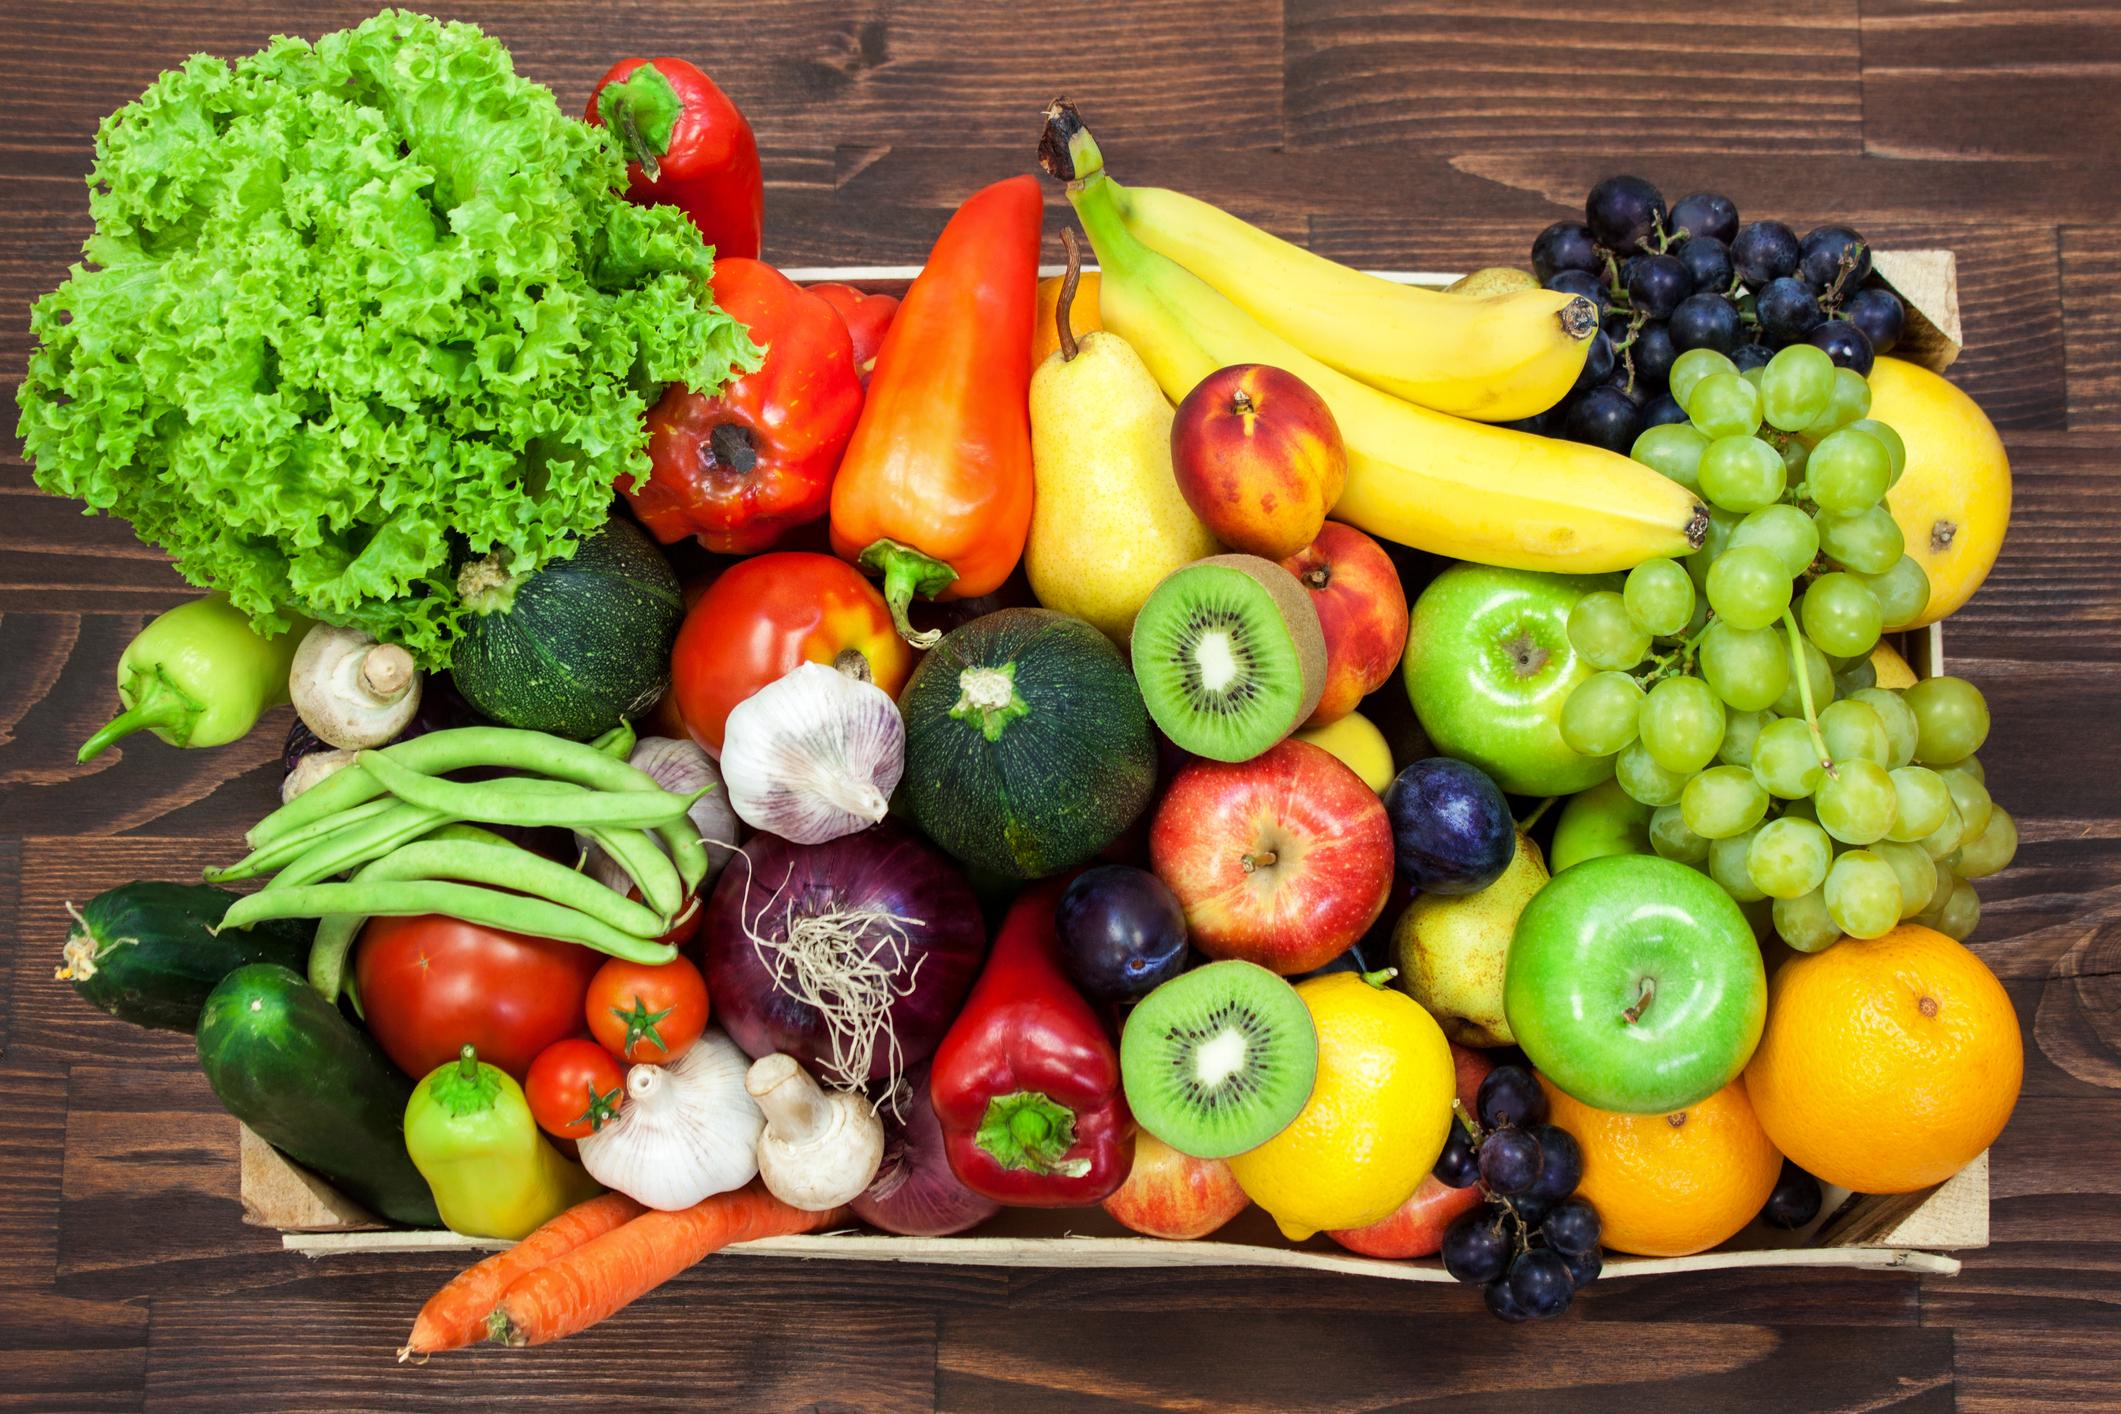 Fruit & Veg Box - for 1